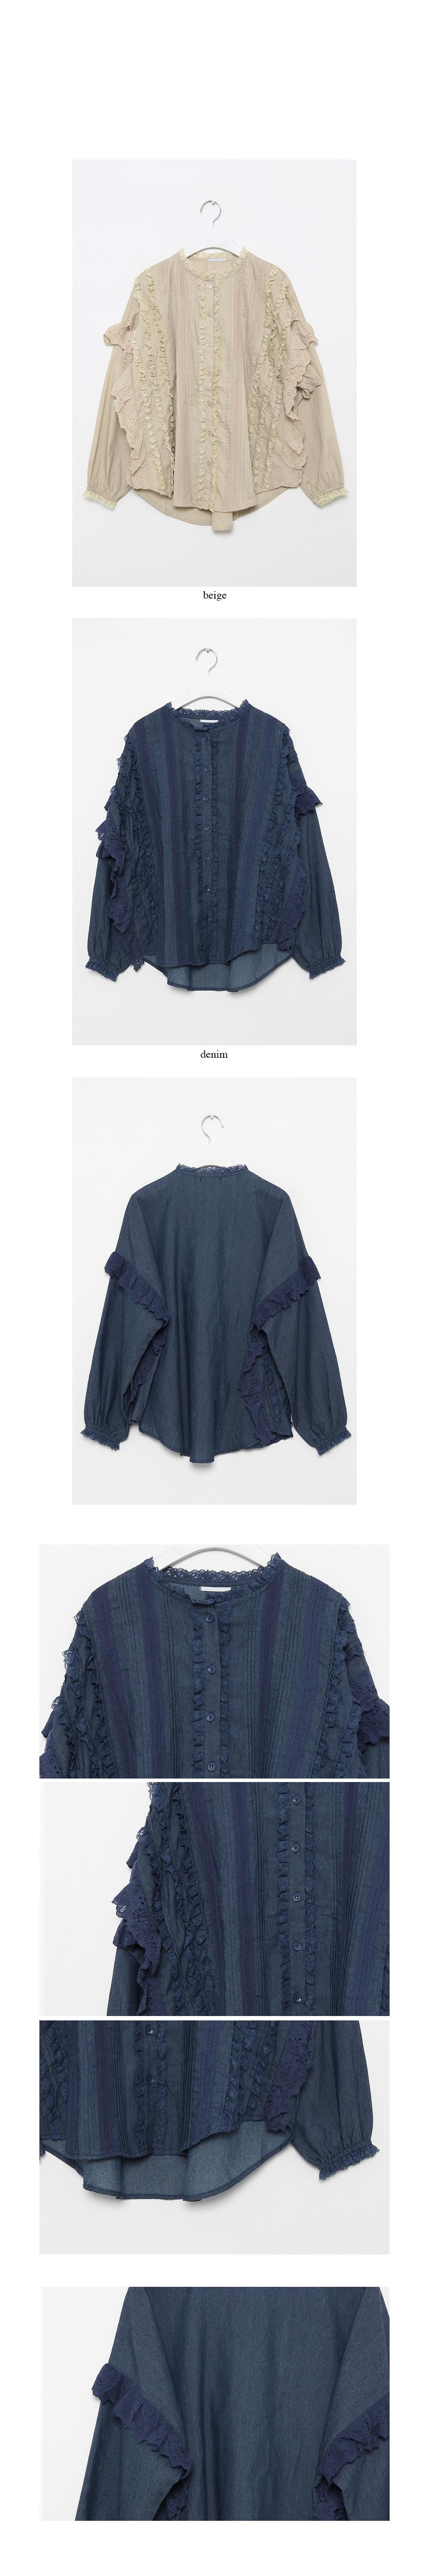 lace bust line blouse